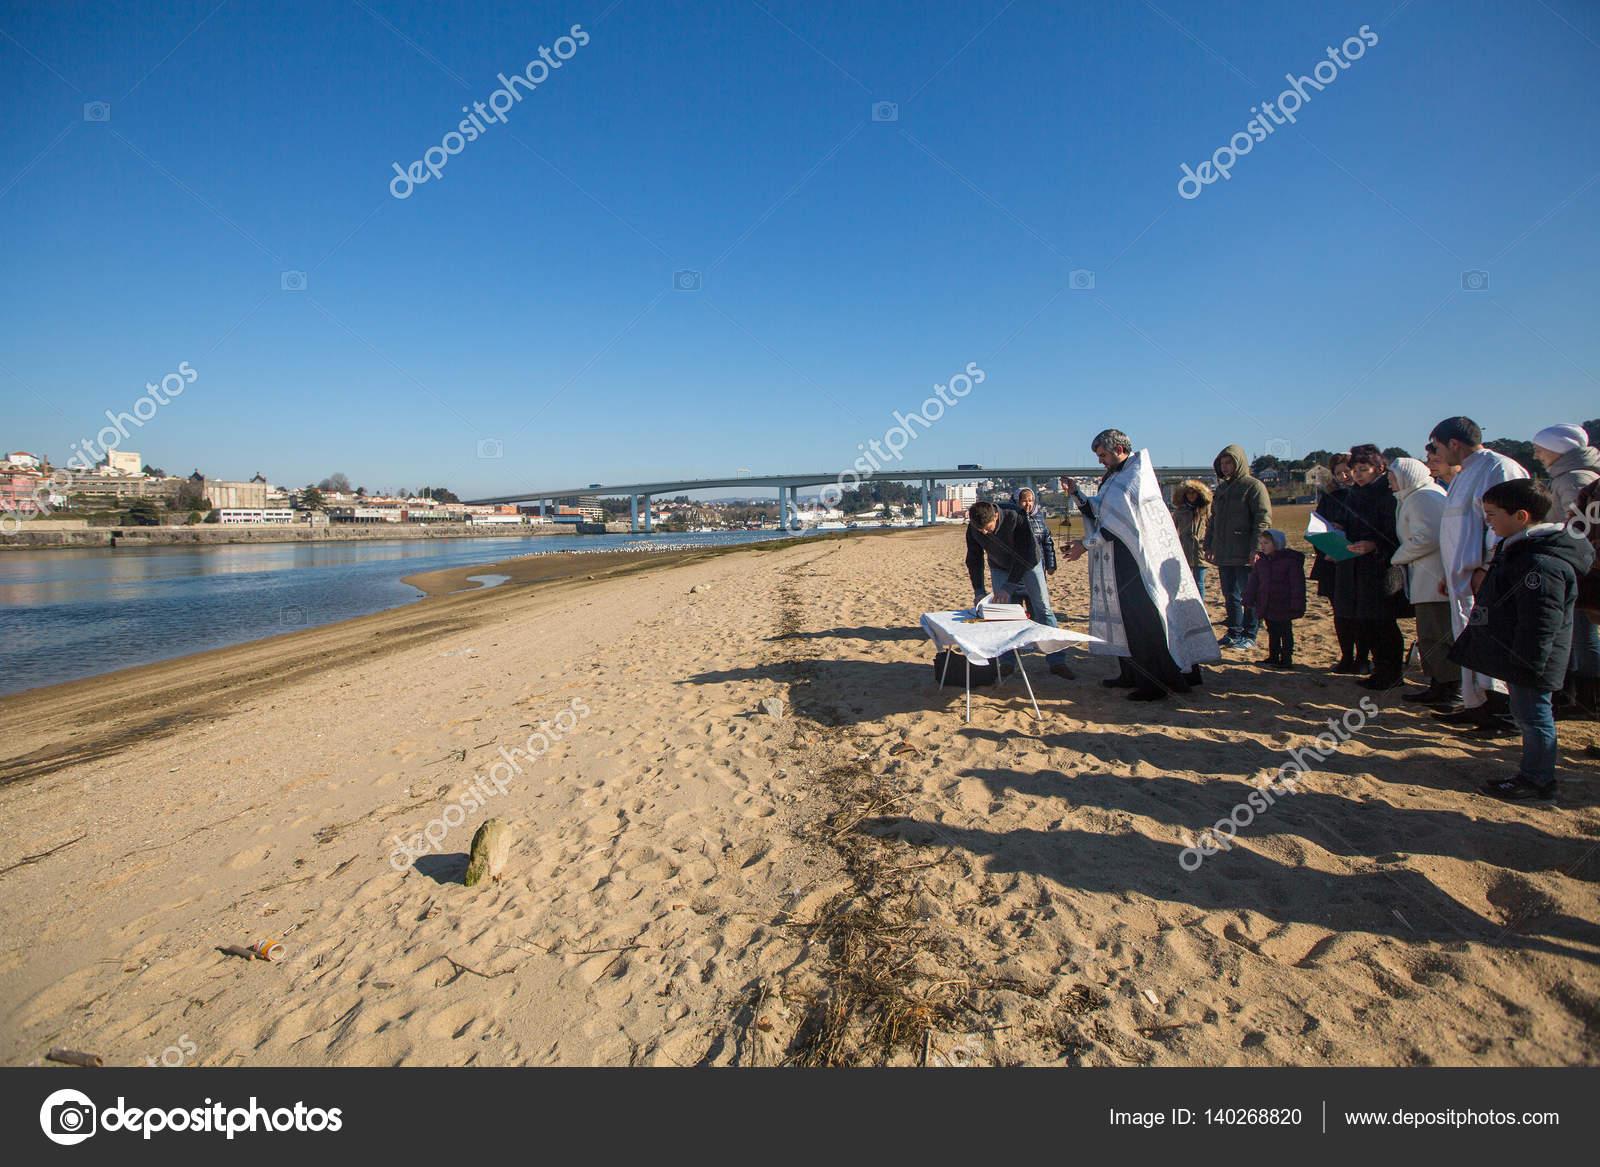 Taufe Von Jesus Feiern Redaktionelles Stockfoto